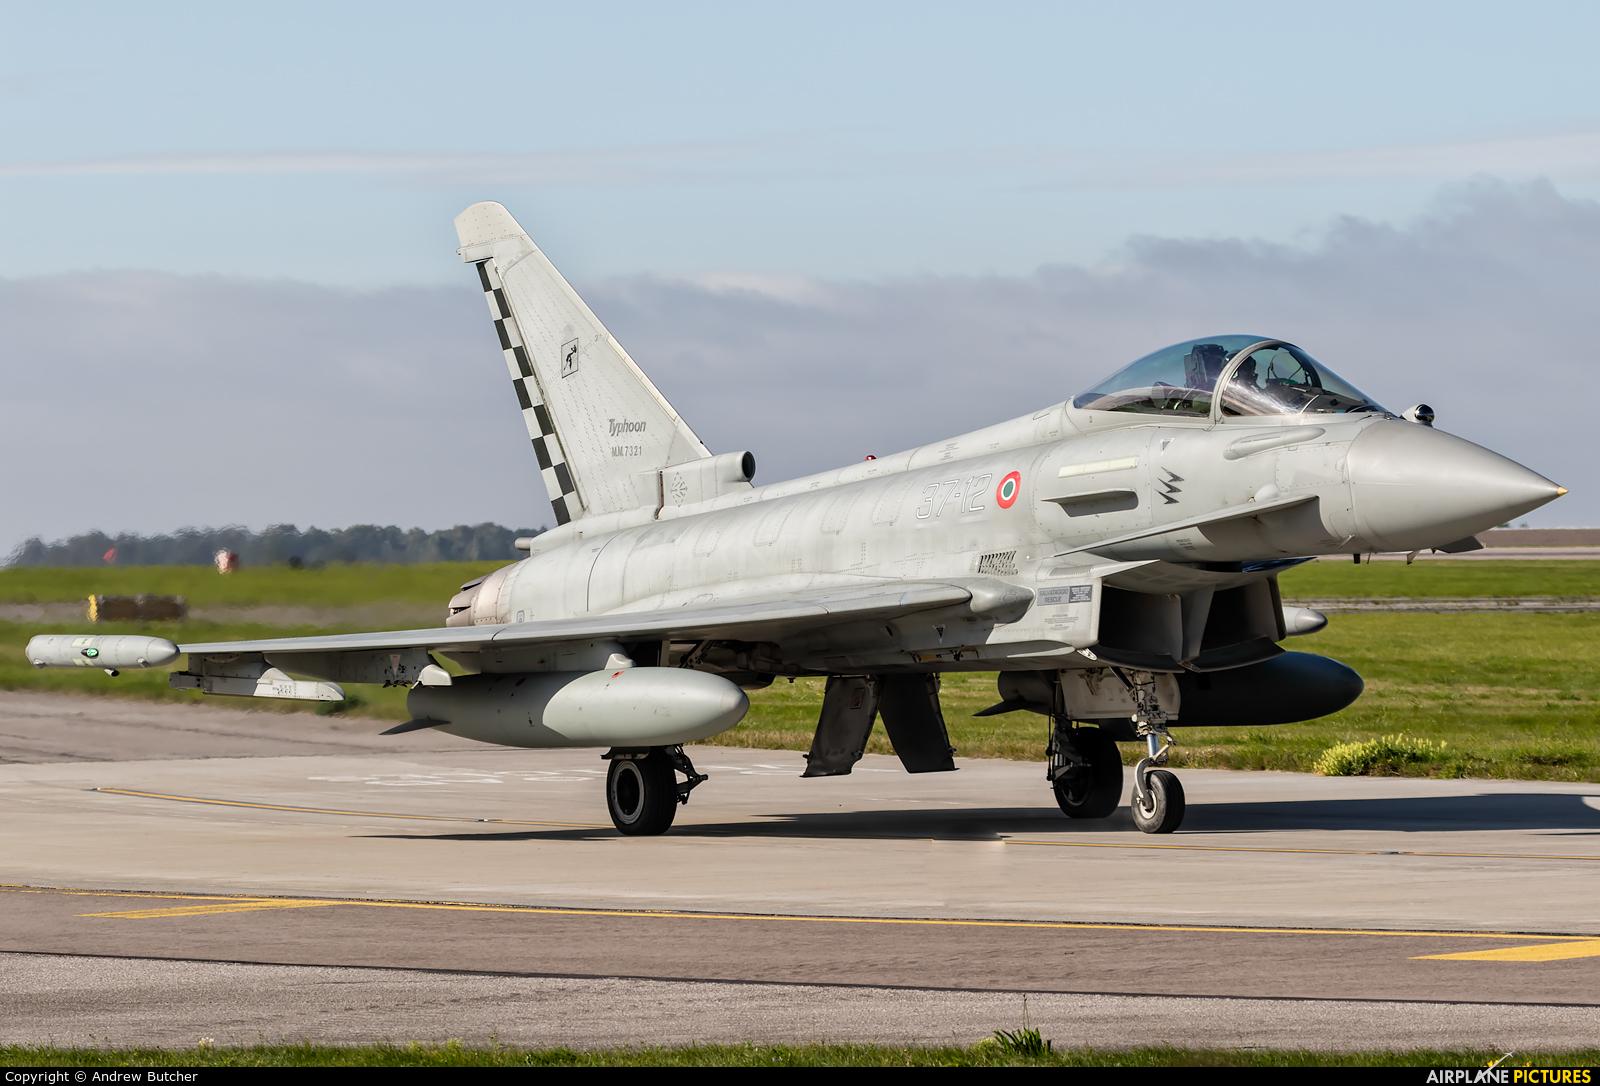 Italy - Air Force MM7321 aircraft at Waddington